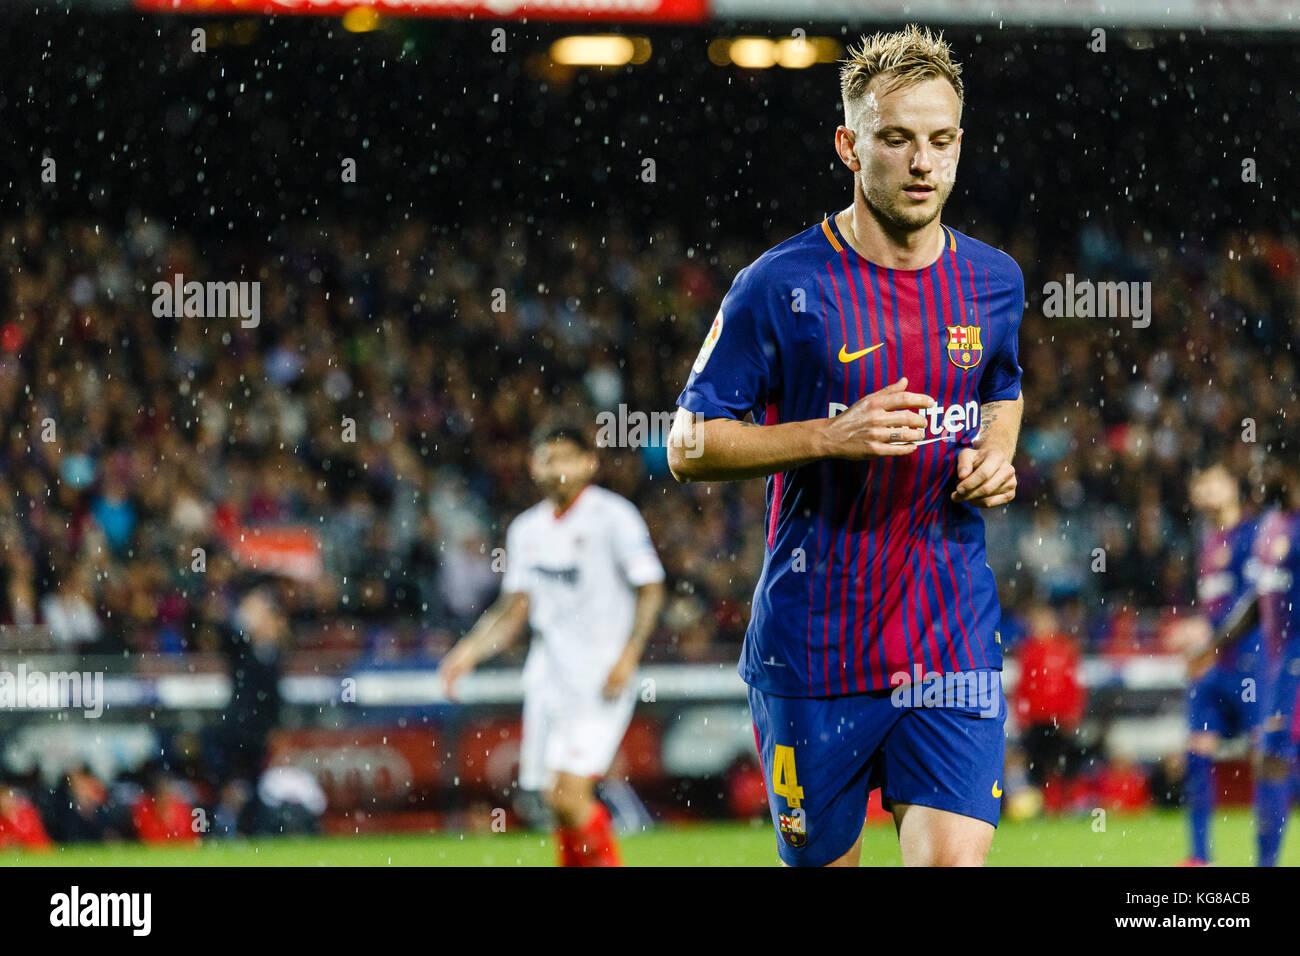 Barcelona, Spain. 04th Nov, 2017. November 4, 2017 - Barcelona, Barcelona, Spain -(04) Rakitic (centrocampista) Stock Photo